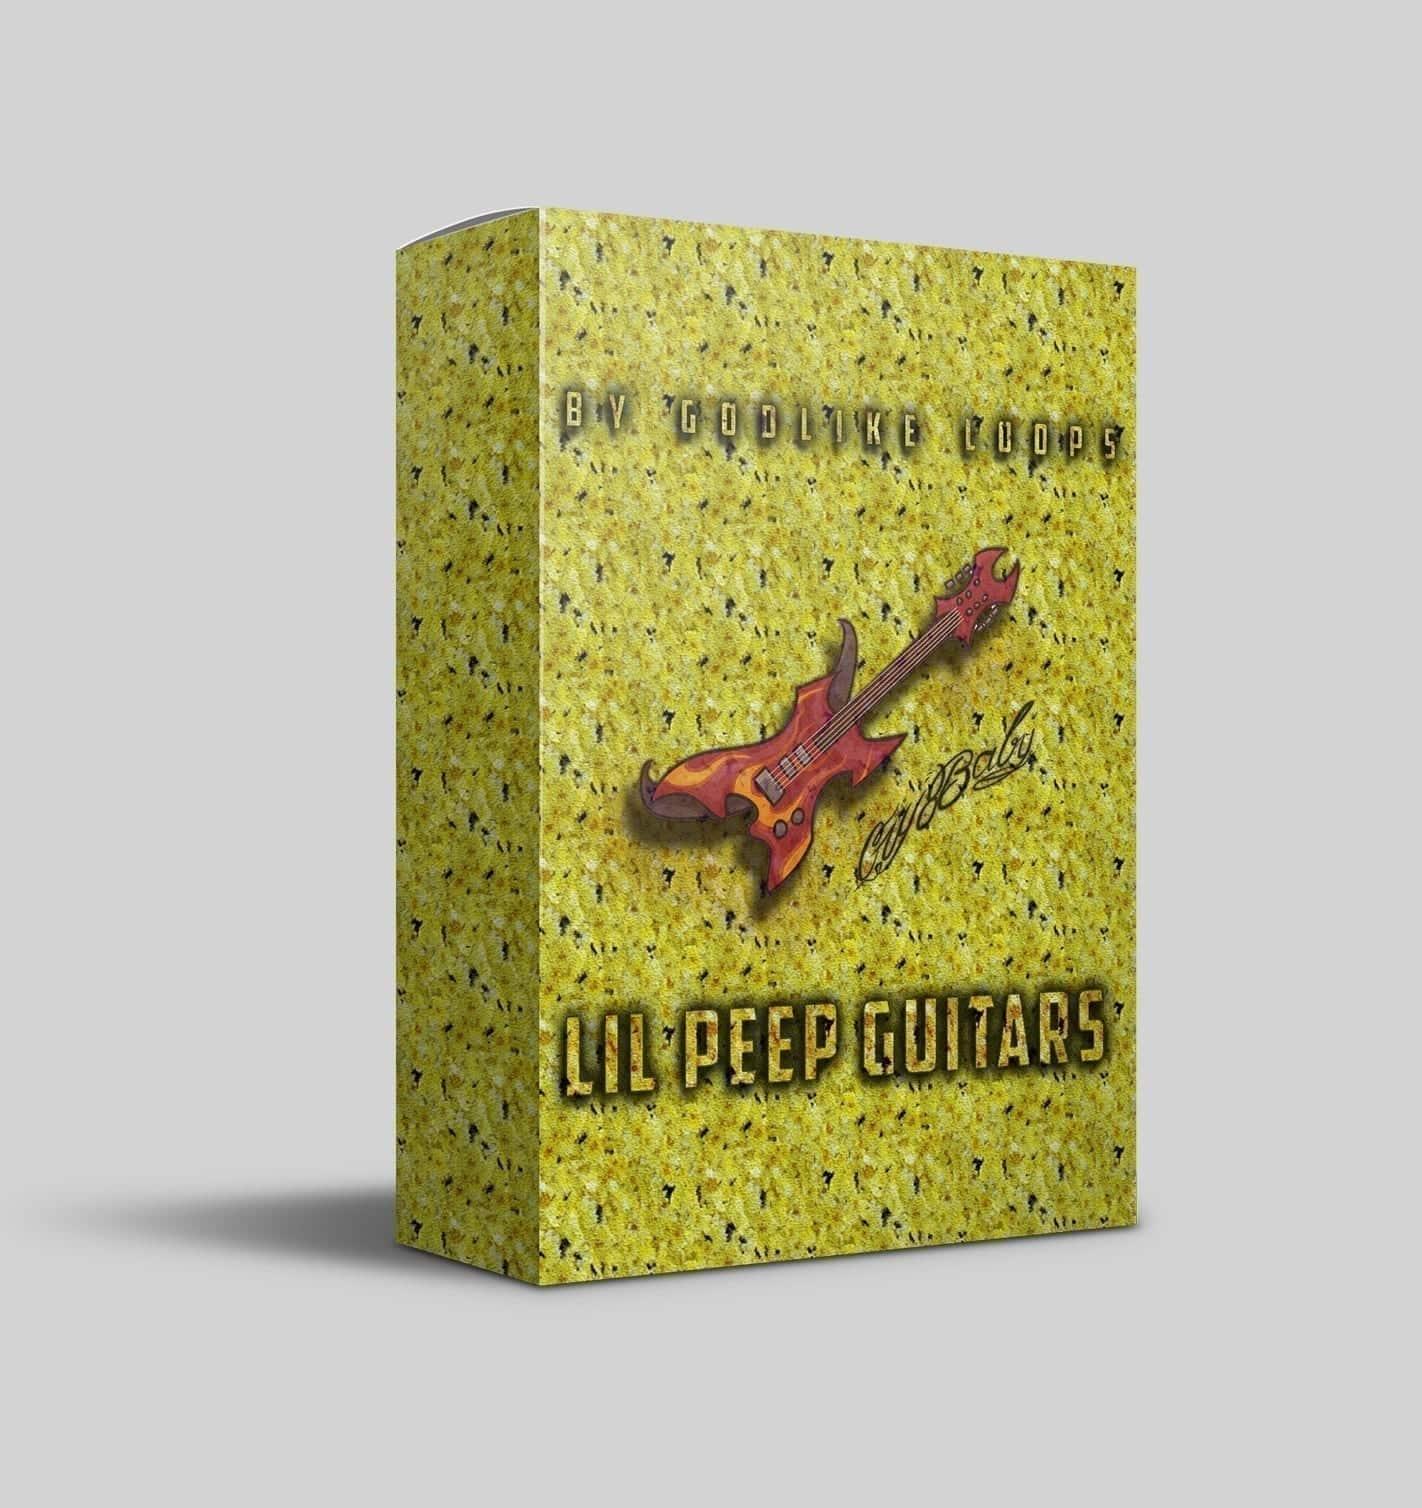 Lil Peep Guitars